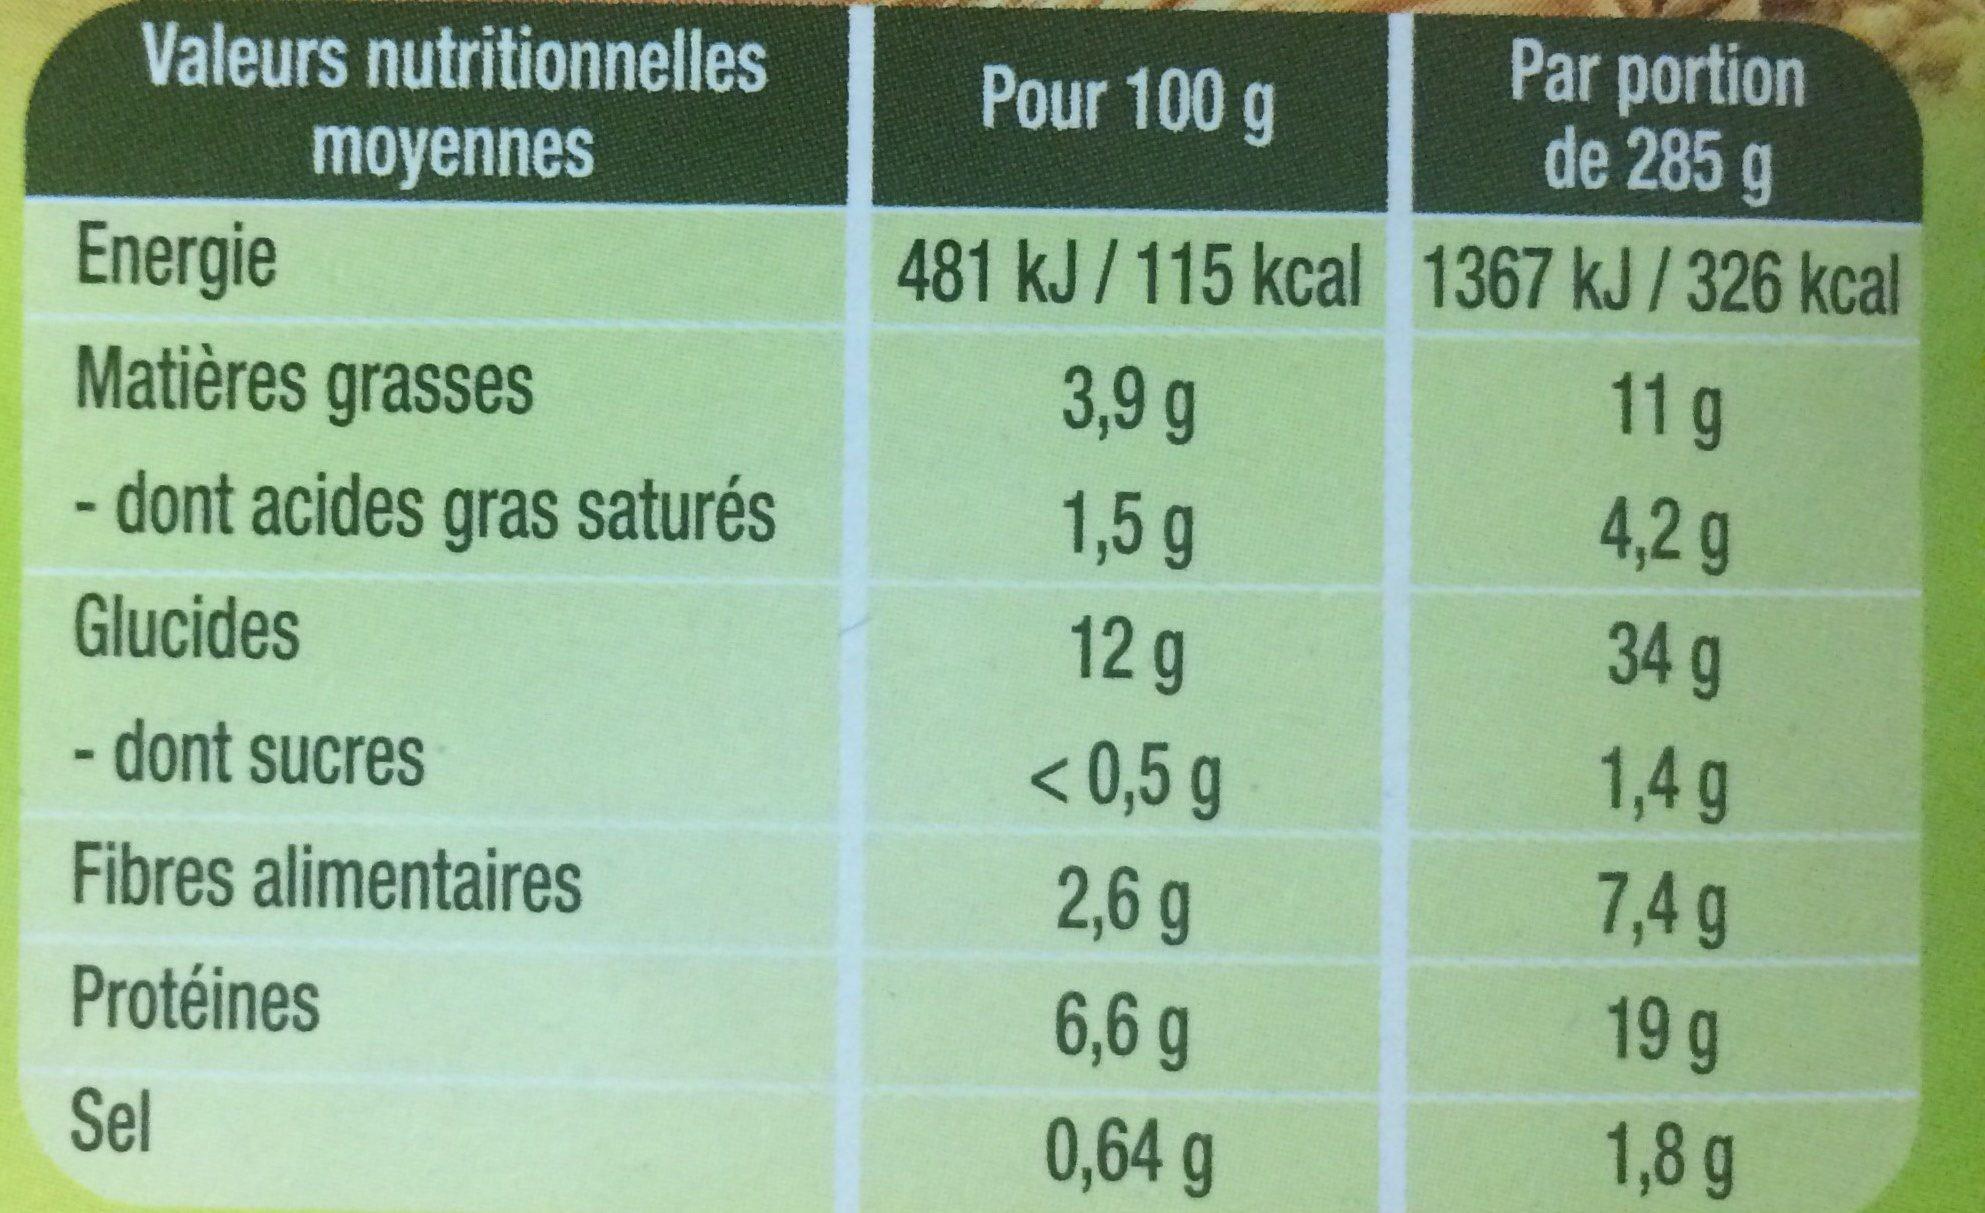 Porc aux 2 Moutardes carottes et blé concassé - Nutrition facts